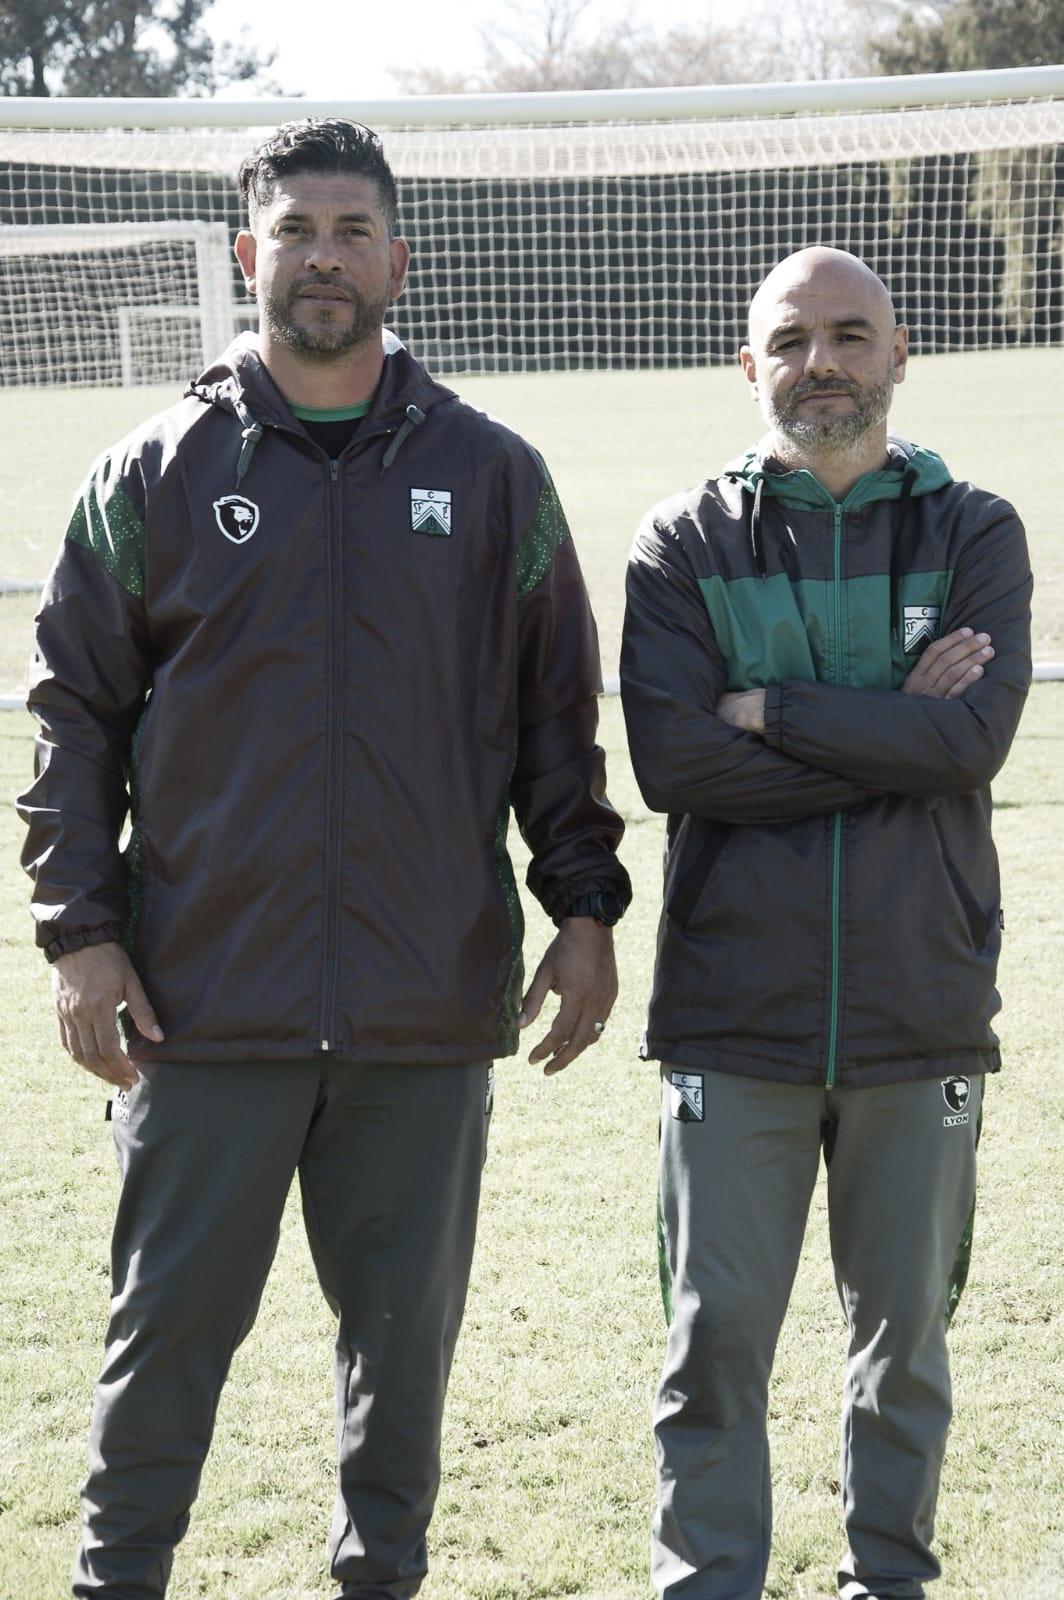 Habemus entrenadores